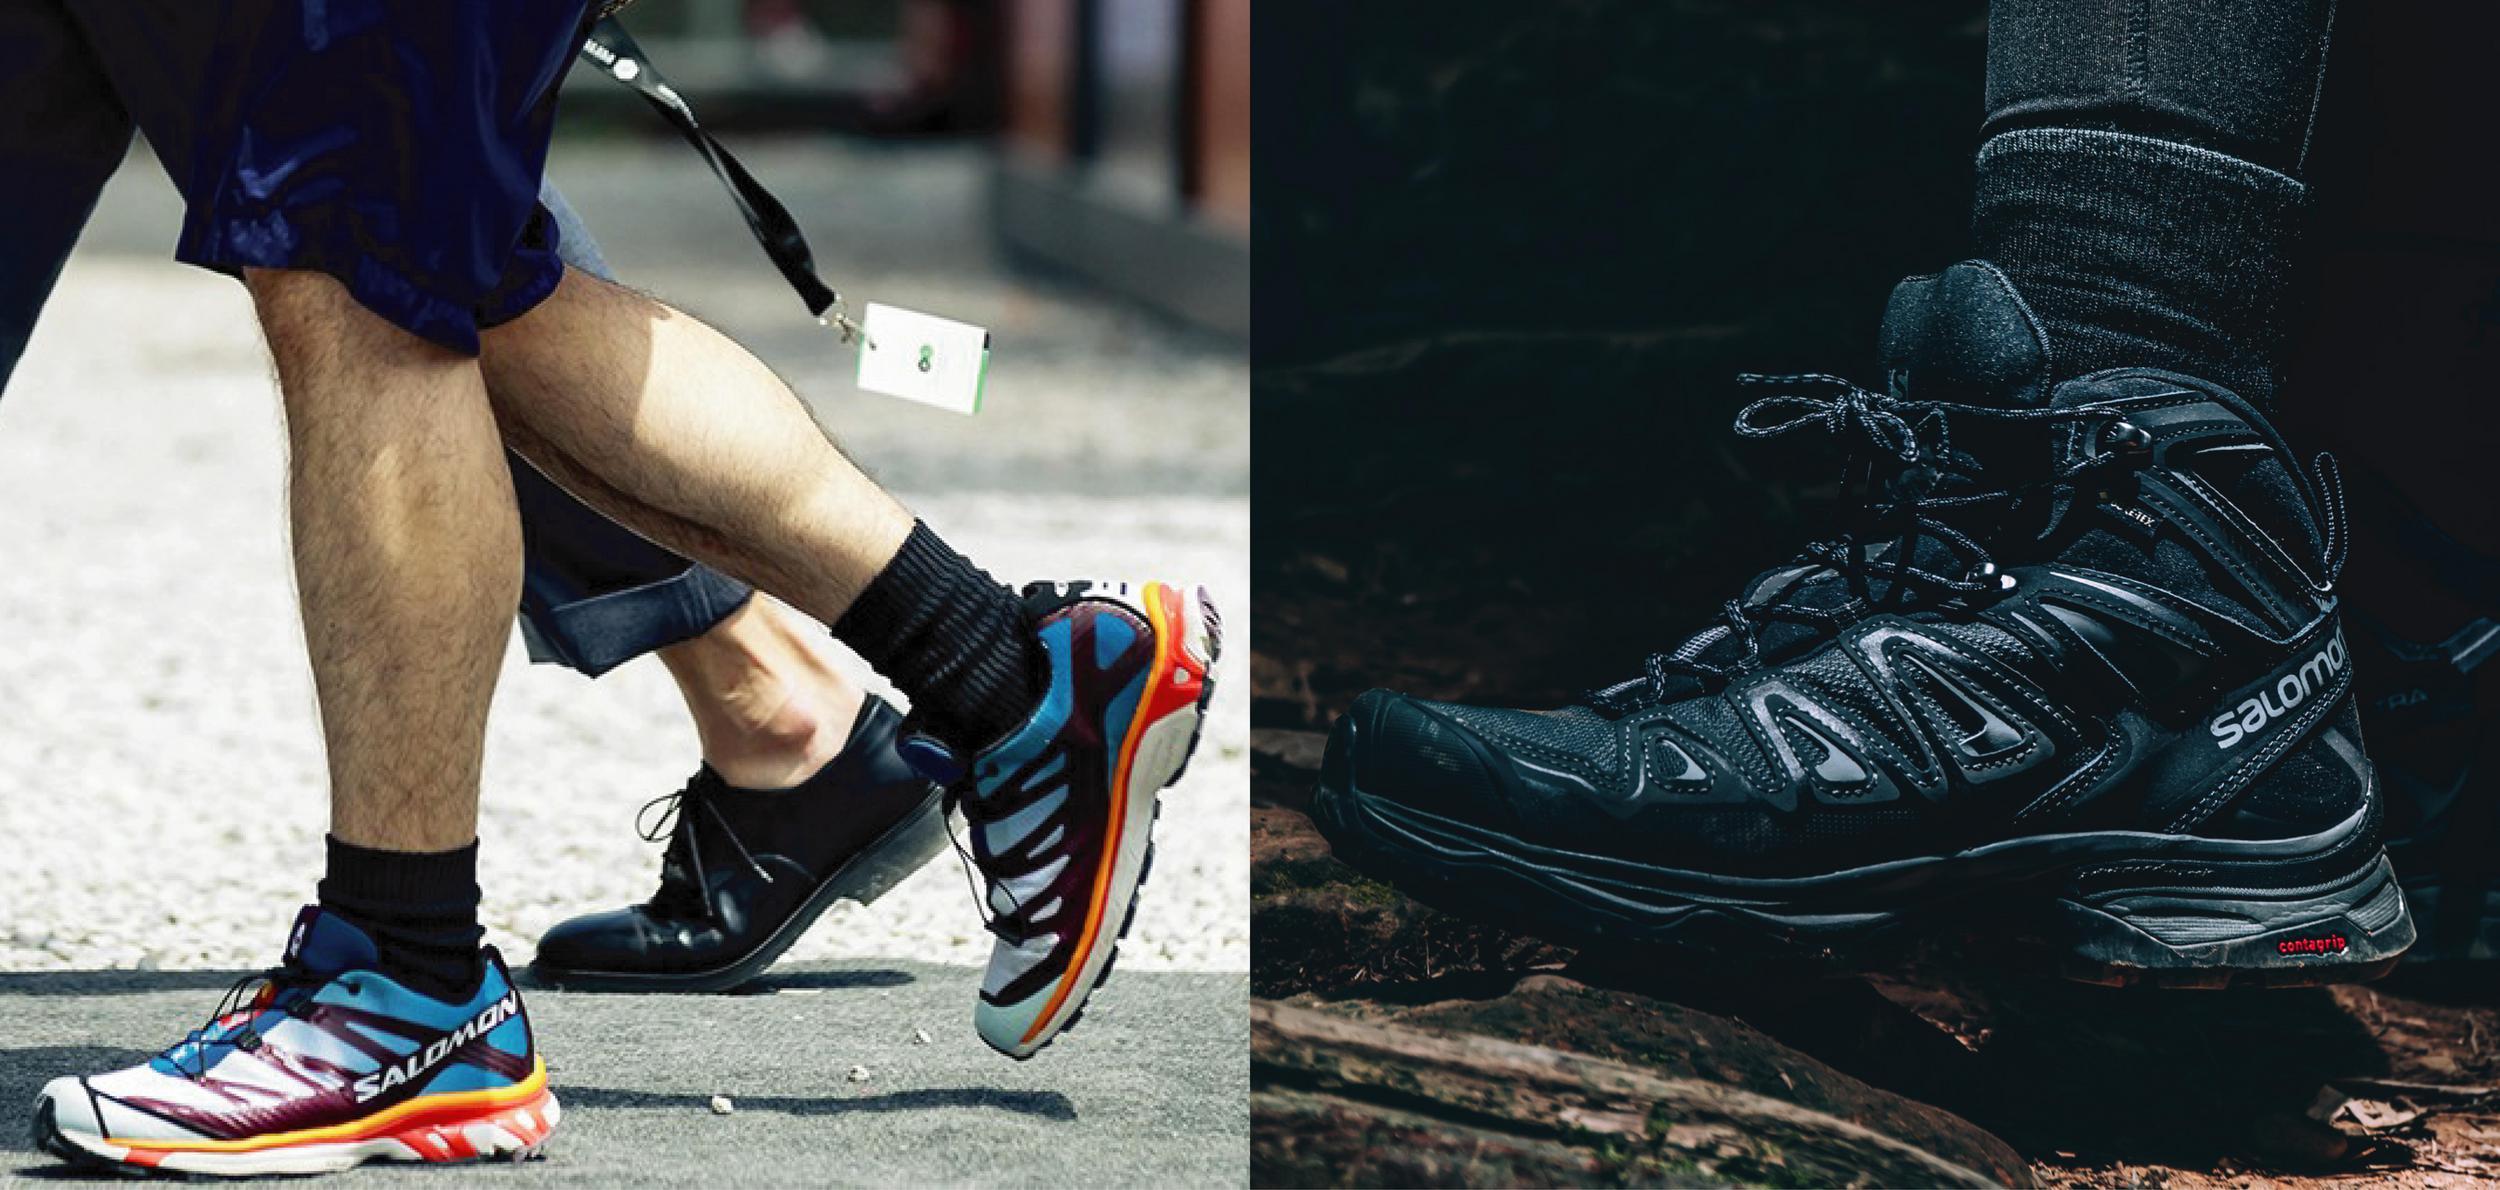 越野跑鞋大勢選擇!兼具潮流與機能,來自法國的Salomon值得期待